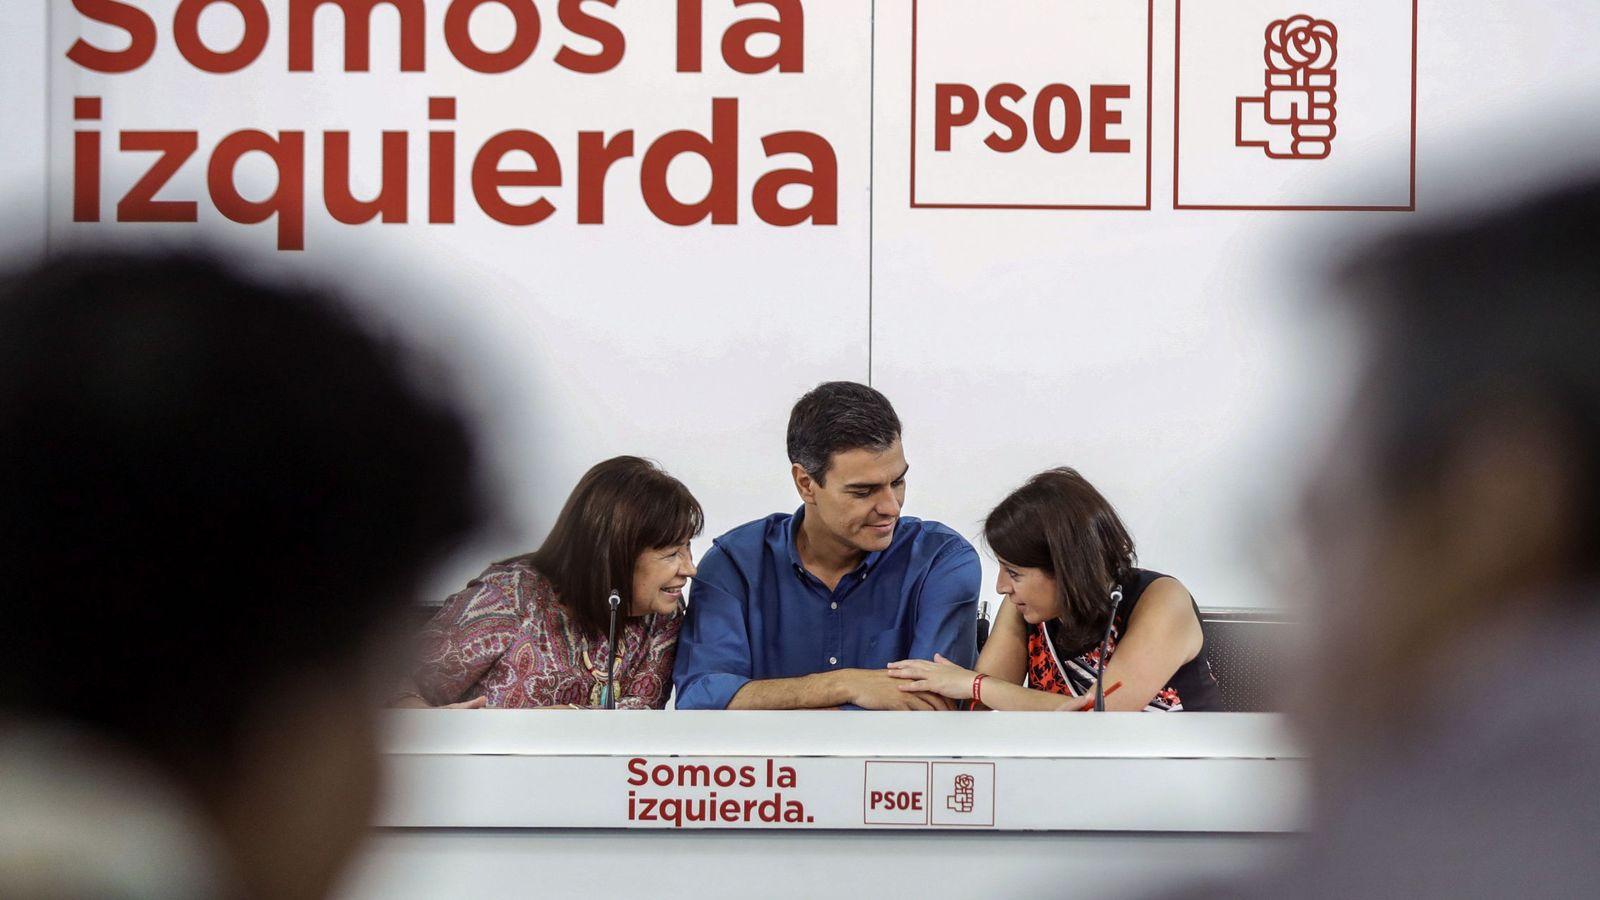 Foto: Pedro Sánchez, flanqueado por Cristina Narbona y Adriana Lastra, presidenta y vicesecretaria general del PSOE, en la ejecutiva del 19 de junio. (EFE)